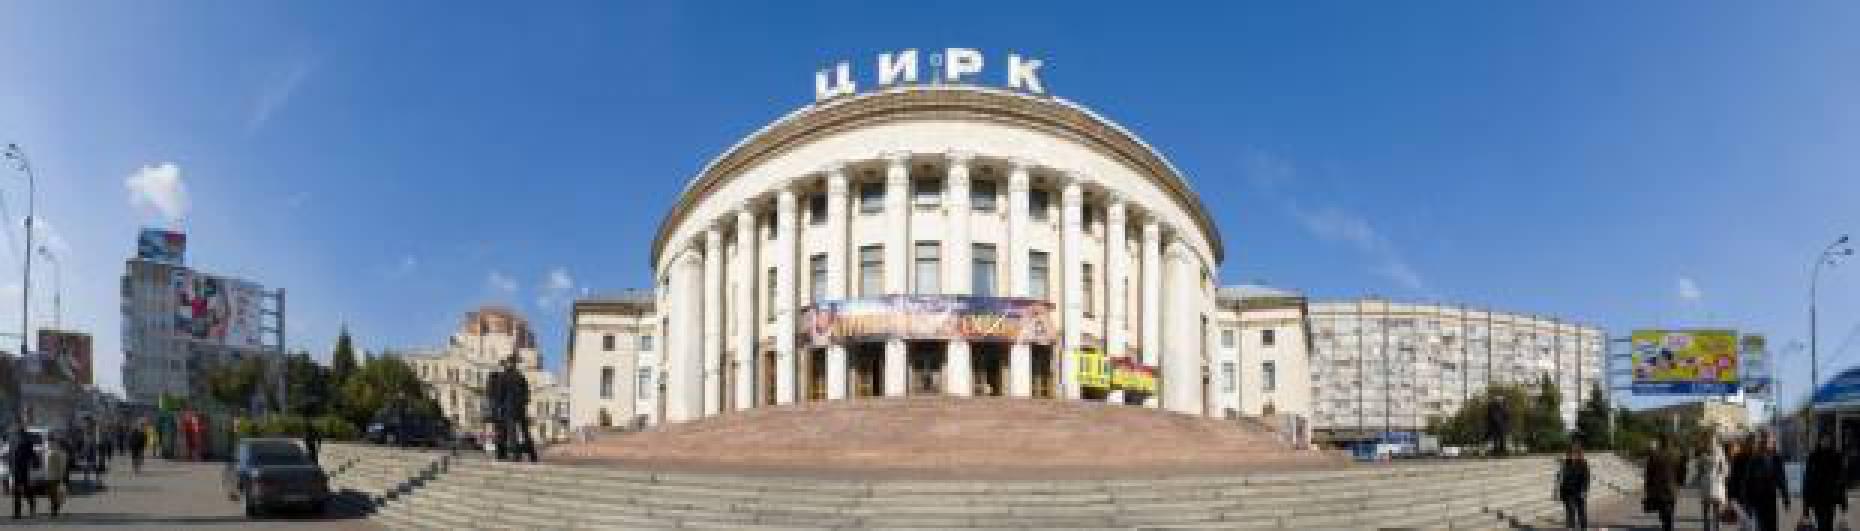 Директора киевского цирка могут снять с должности за ужасные условия содержания животных, - эколог (видео)